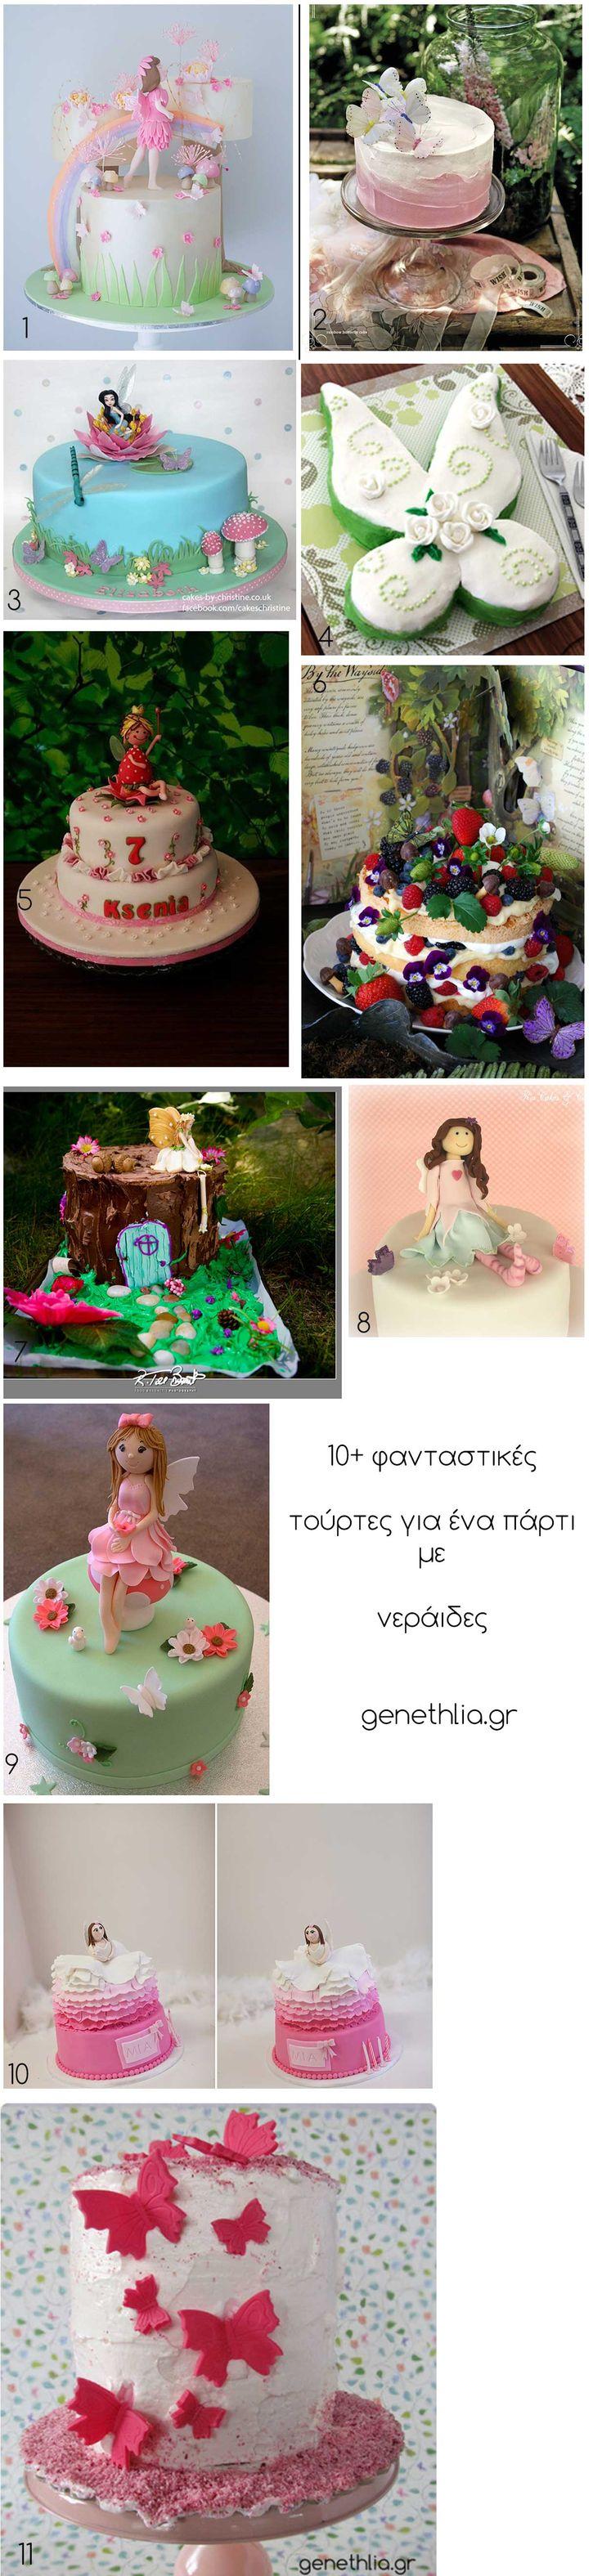 Fairy cakes ideas